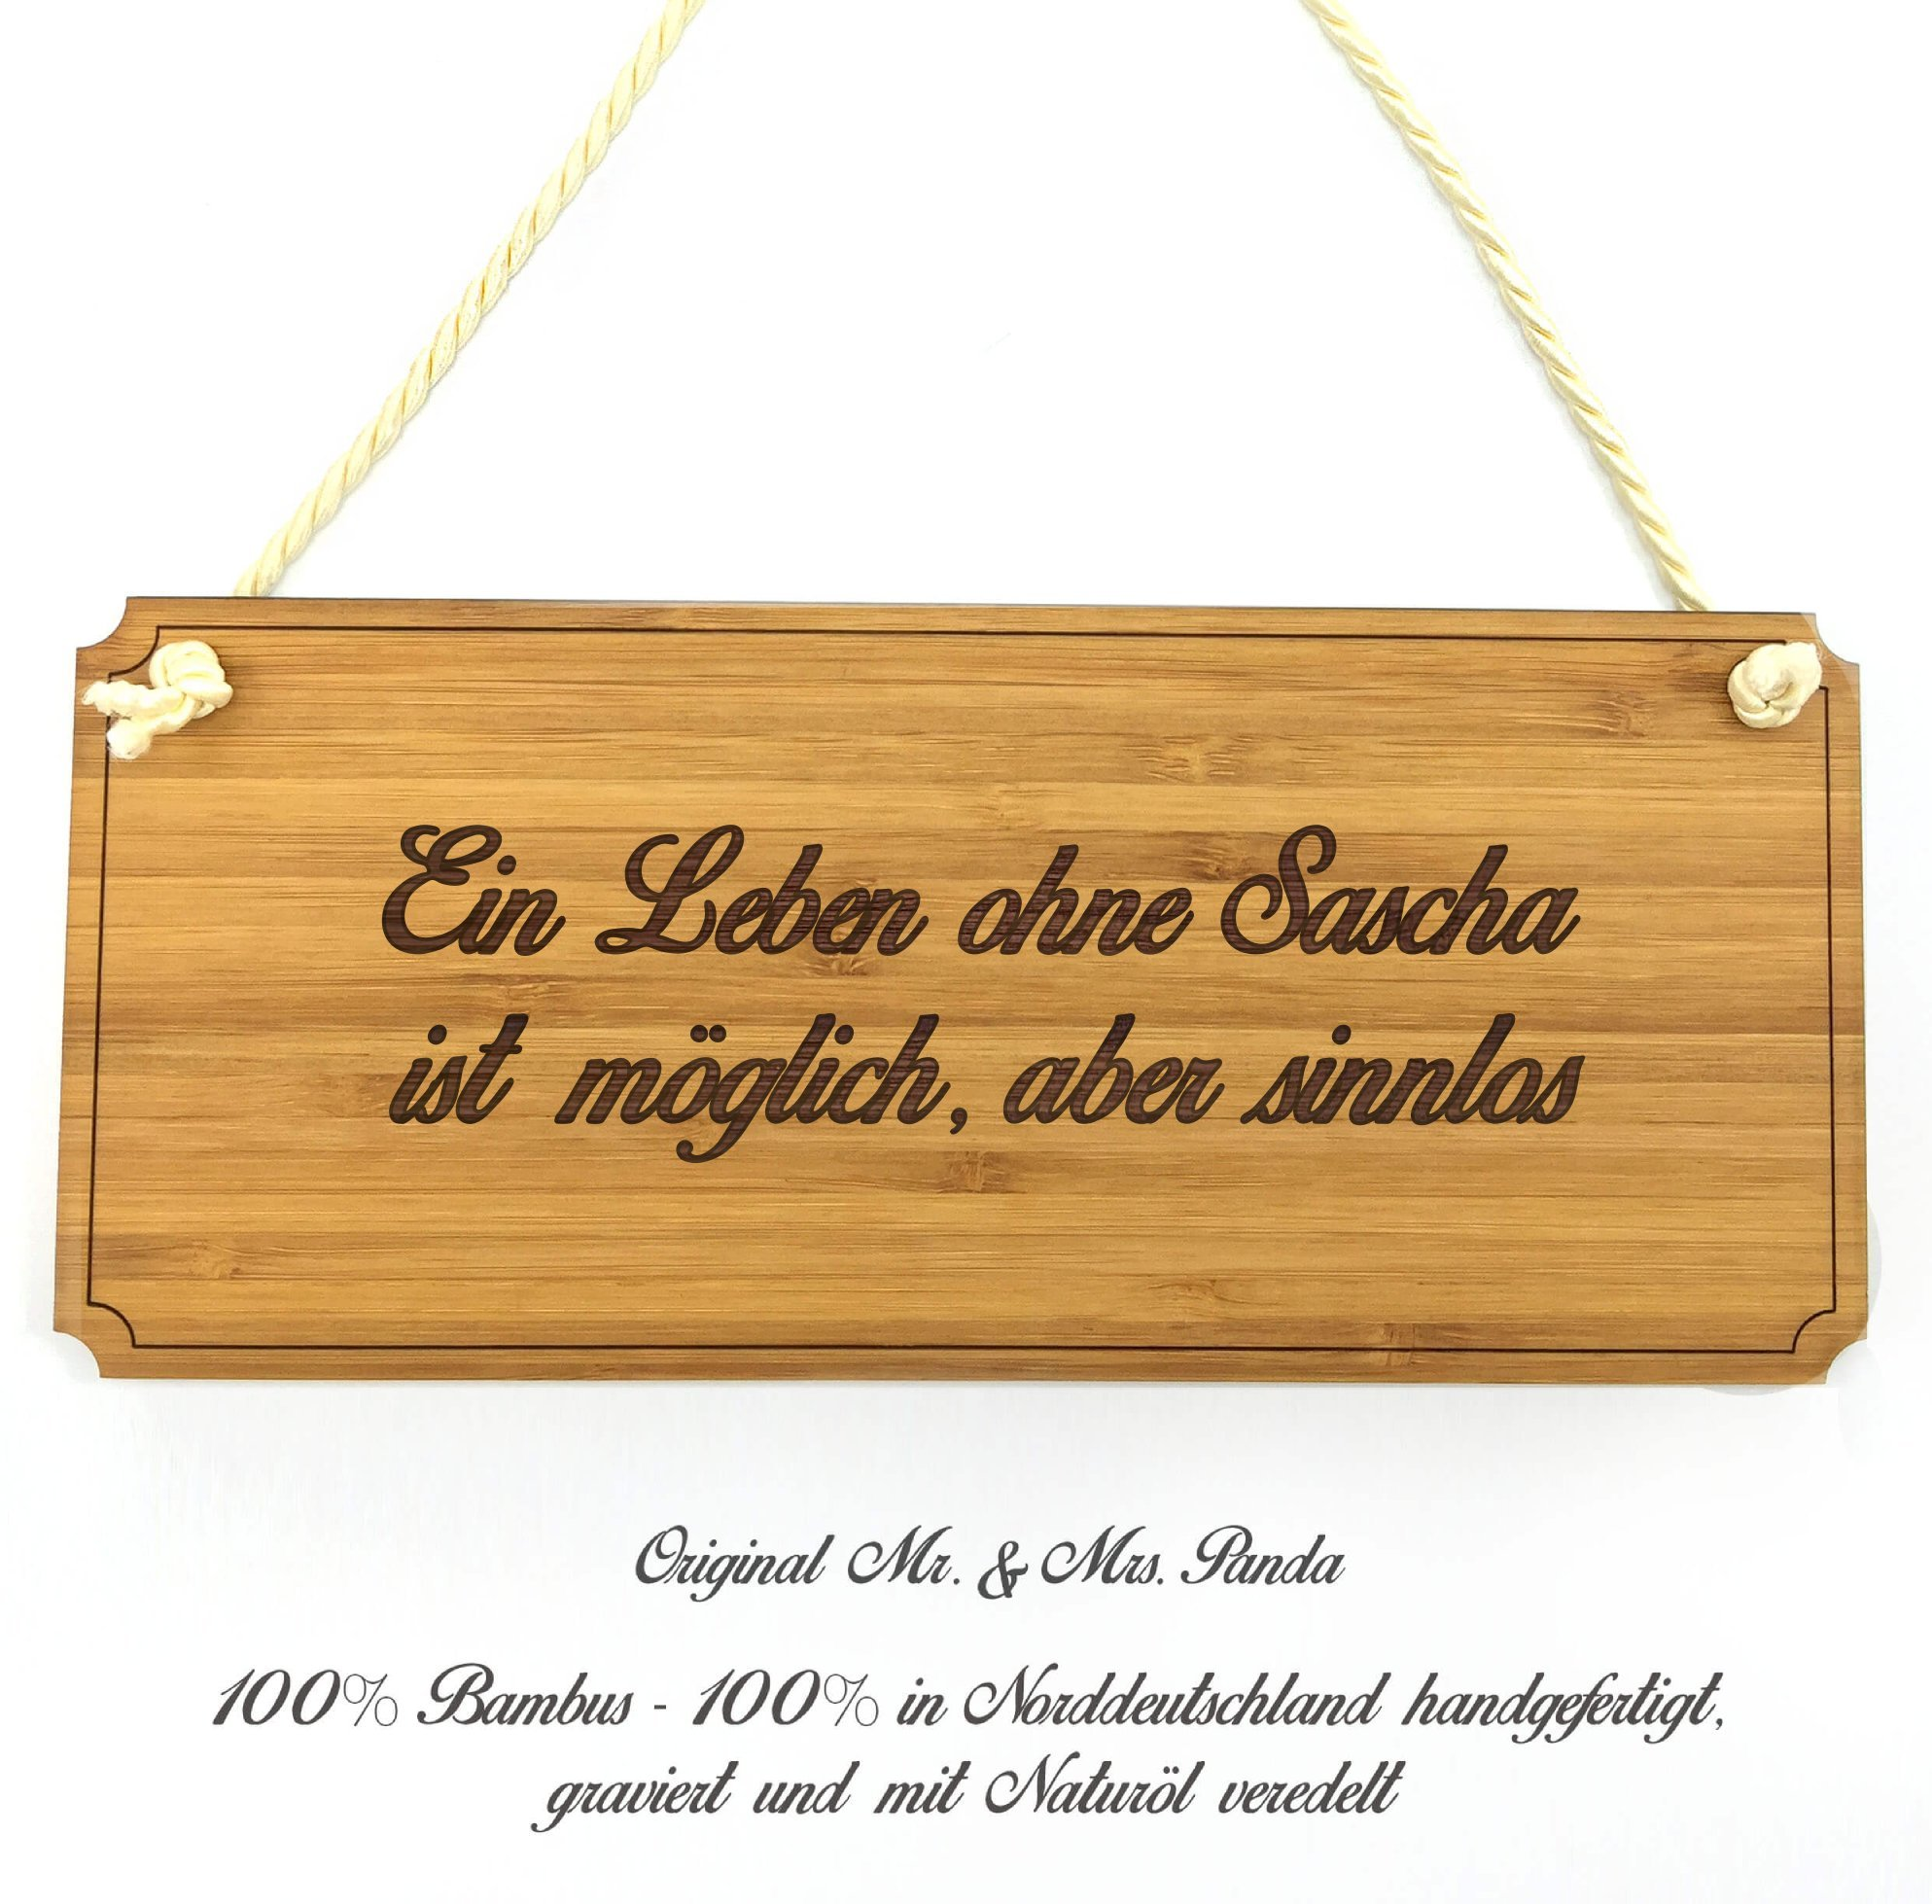 Mr. & Mrs. Panda Türschild Sascha Classic Schild - 100% handgefertigt aus Bambus Holz - Anhänger, Geschenk, Vorname, Name, Initialien, Graviert, Gravur, Schlüsselbund, handmade, exklusiv 5